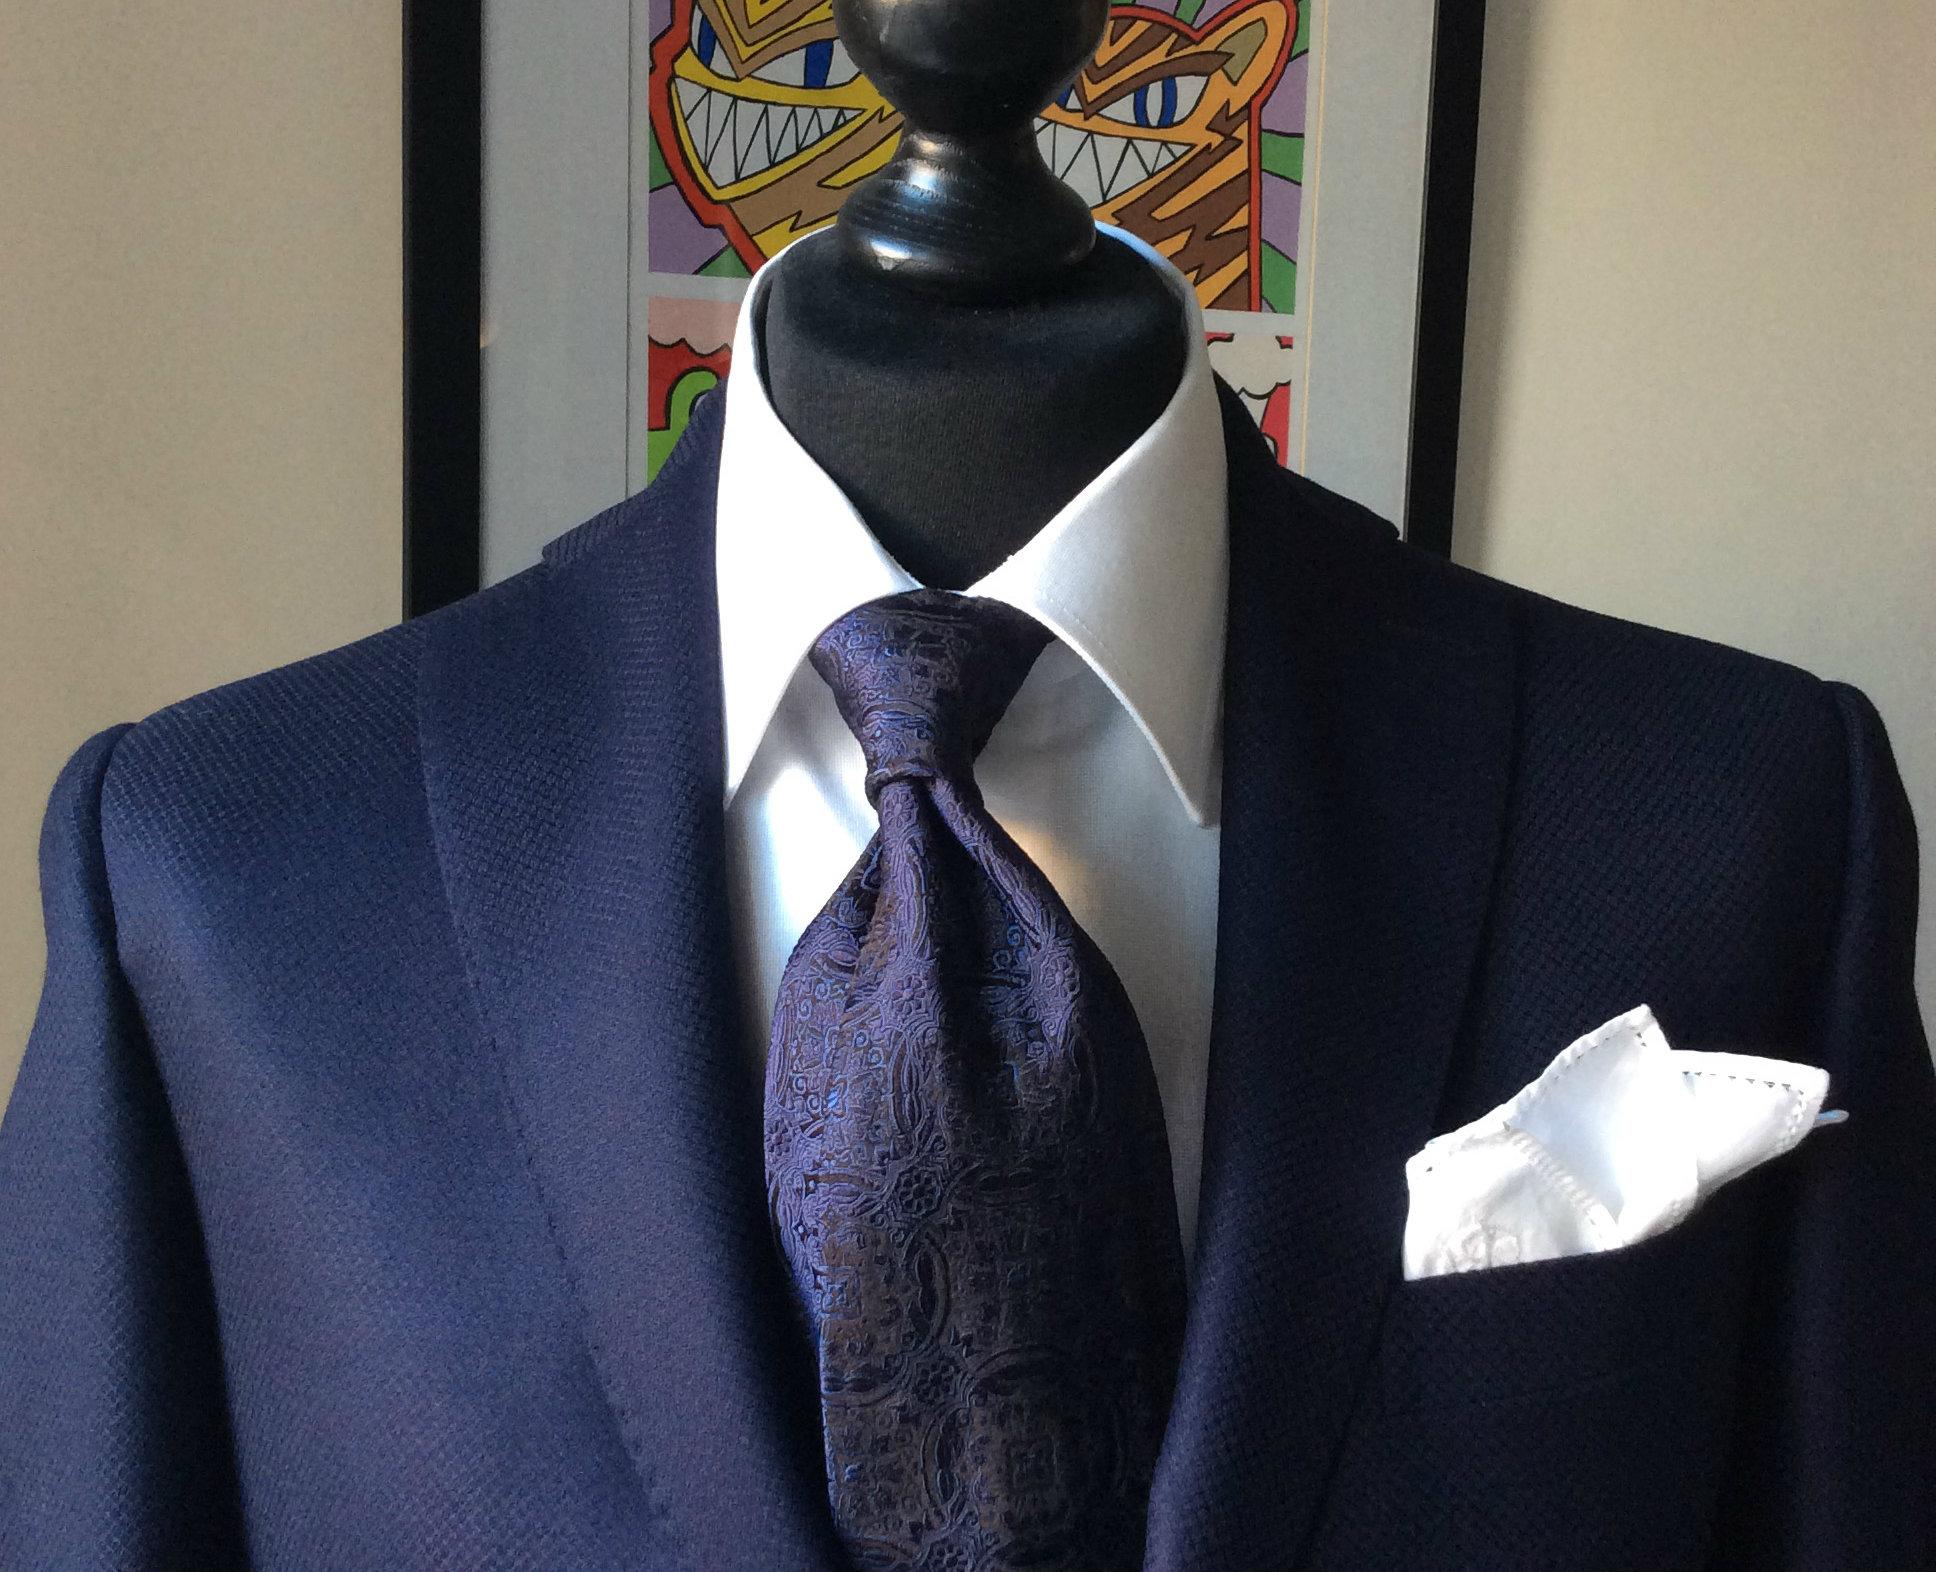 μεταξωτή μπλε γραβάτα & Άσπρο Μαντήλι Κουστουμιού